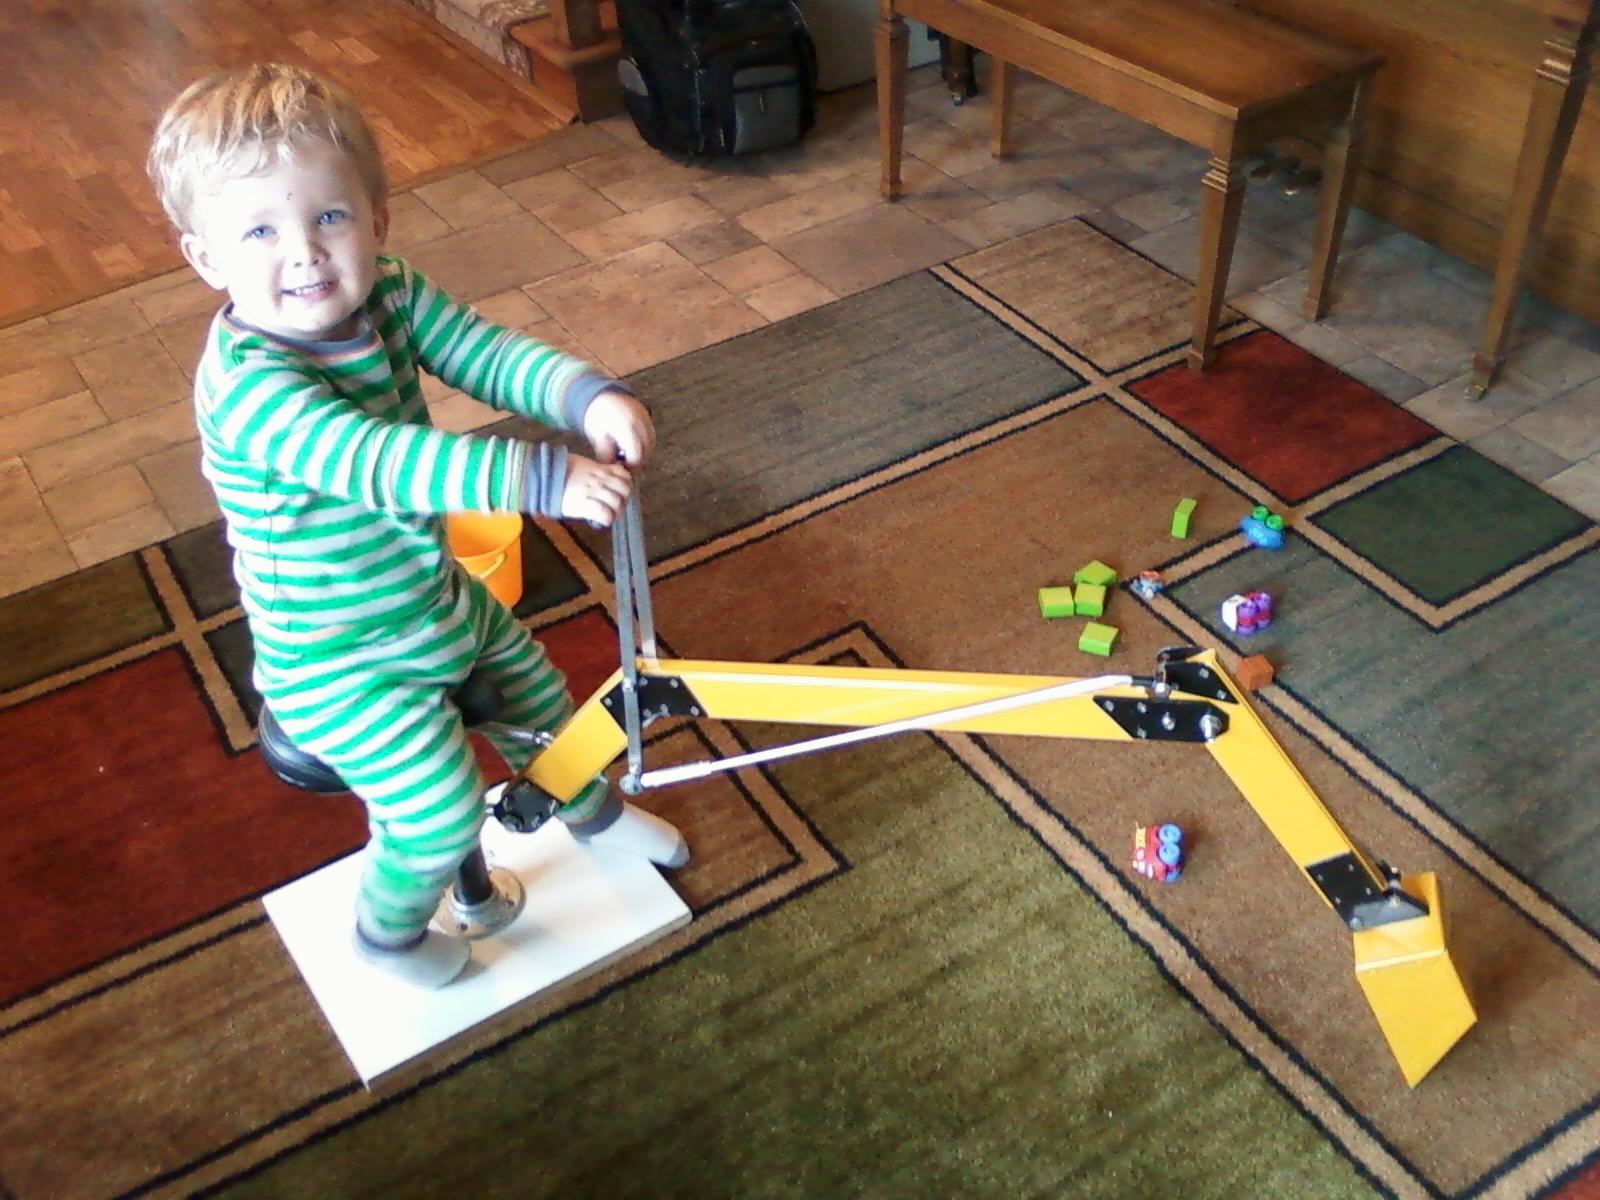 Kid's Toy Excavator